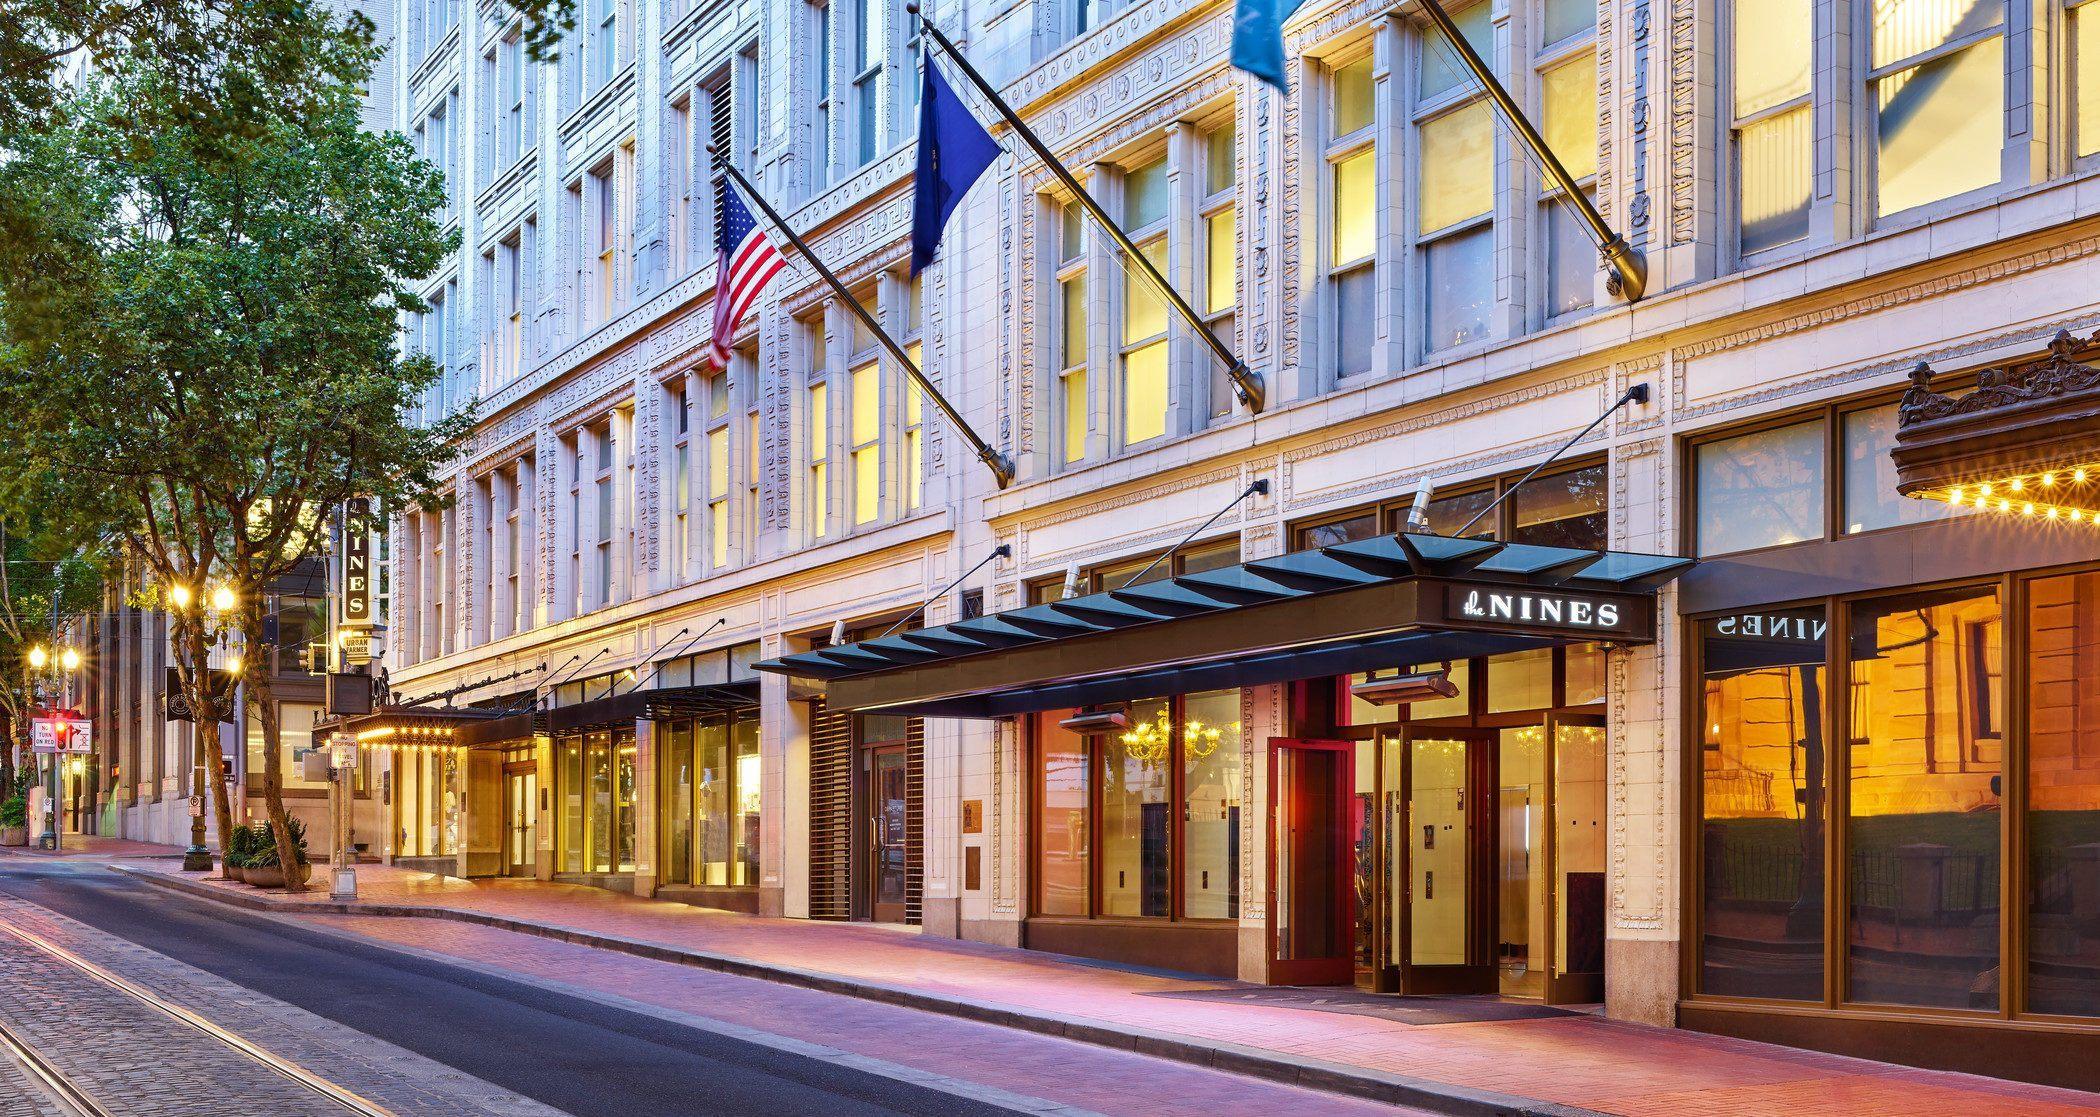 the-nines-hotel-portland-exterior-2-e1494446003329.jpg